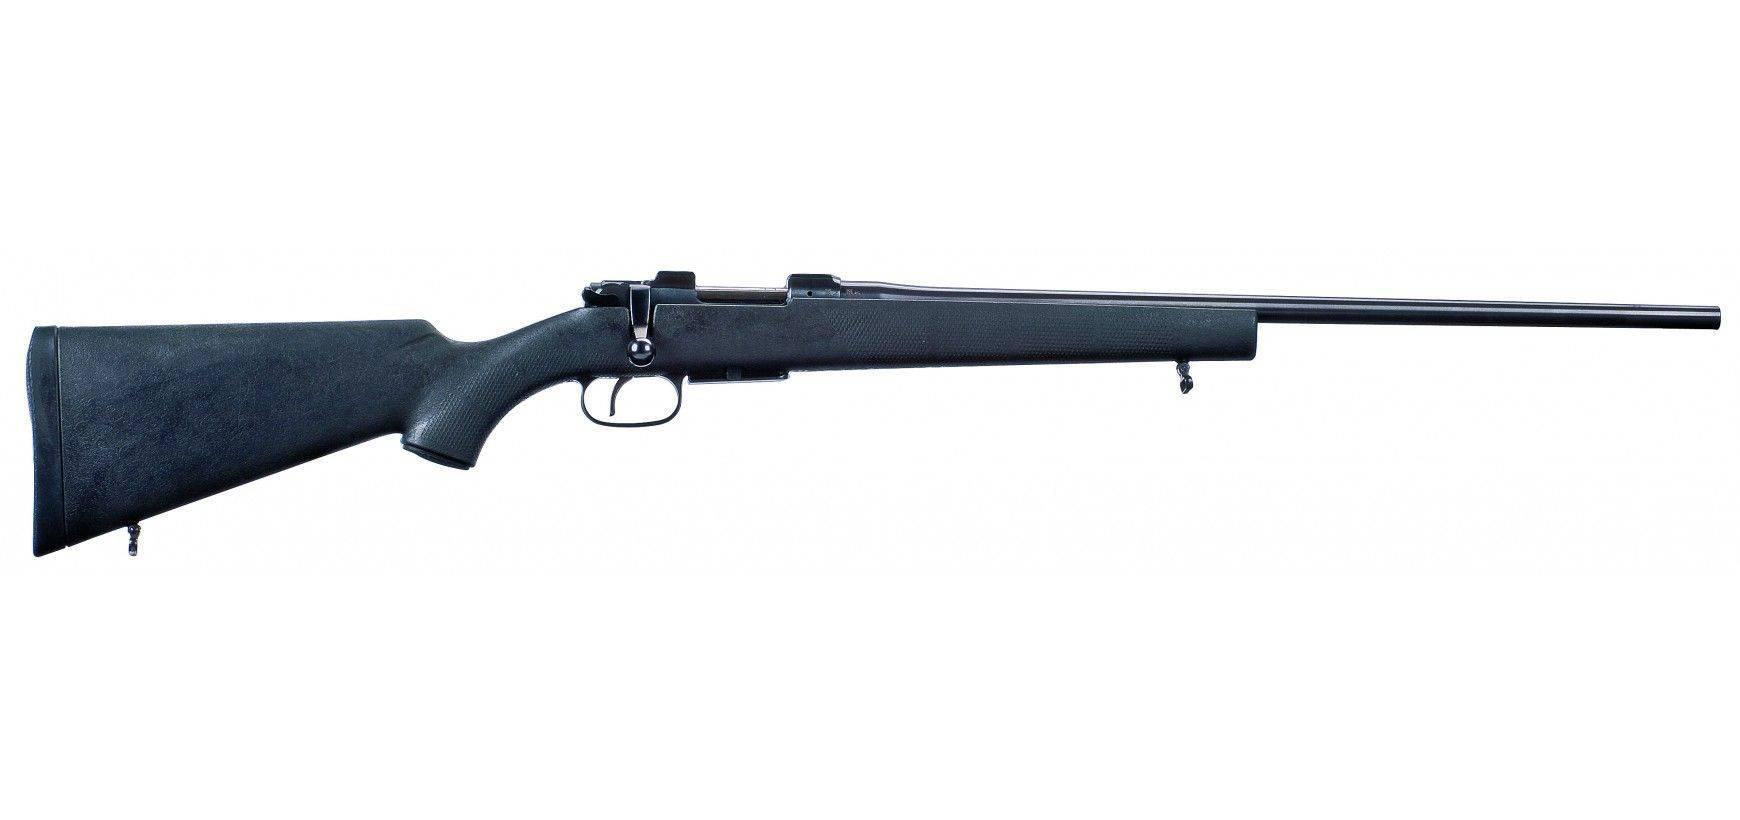 Cz 527 – охотничий карабин, описание и ттх чешской винтовки чезет, модификация 223 rem, плюсы и минусы конструкции